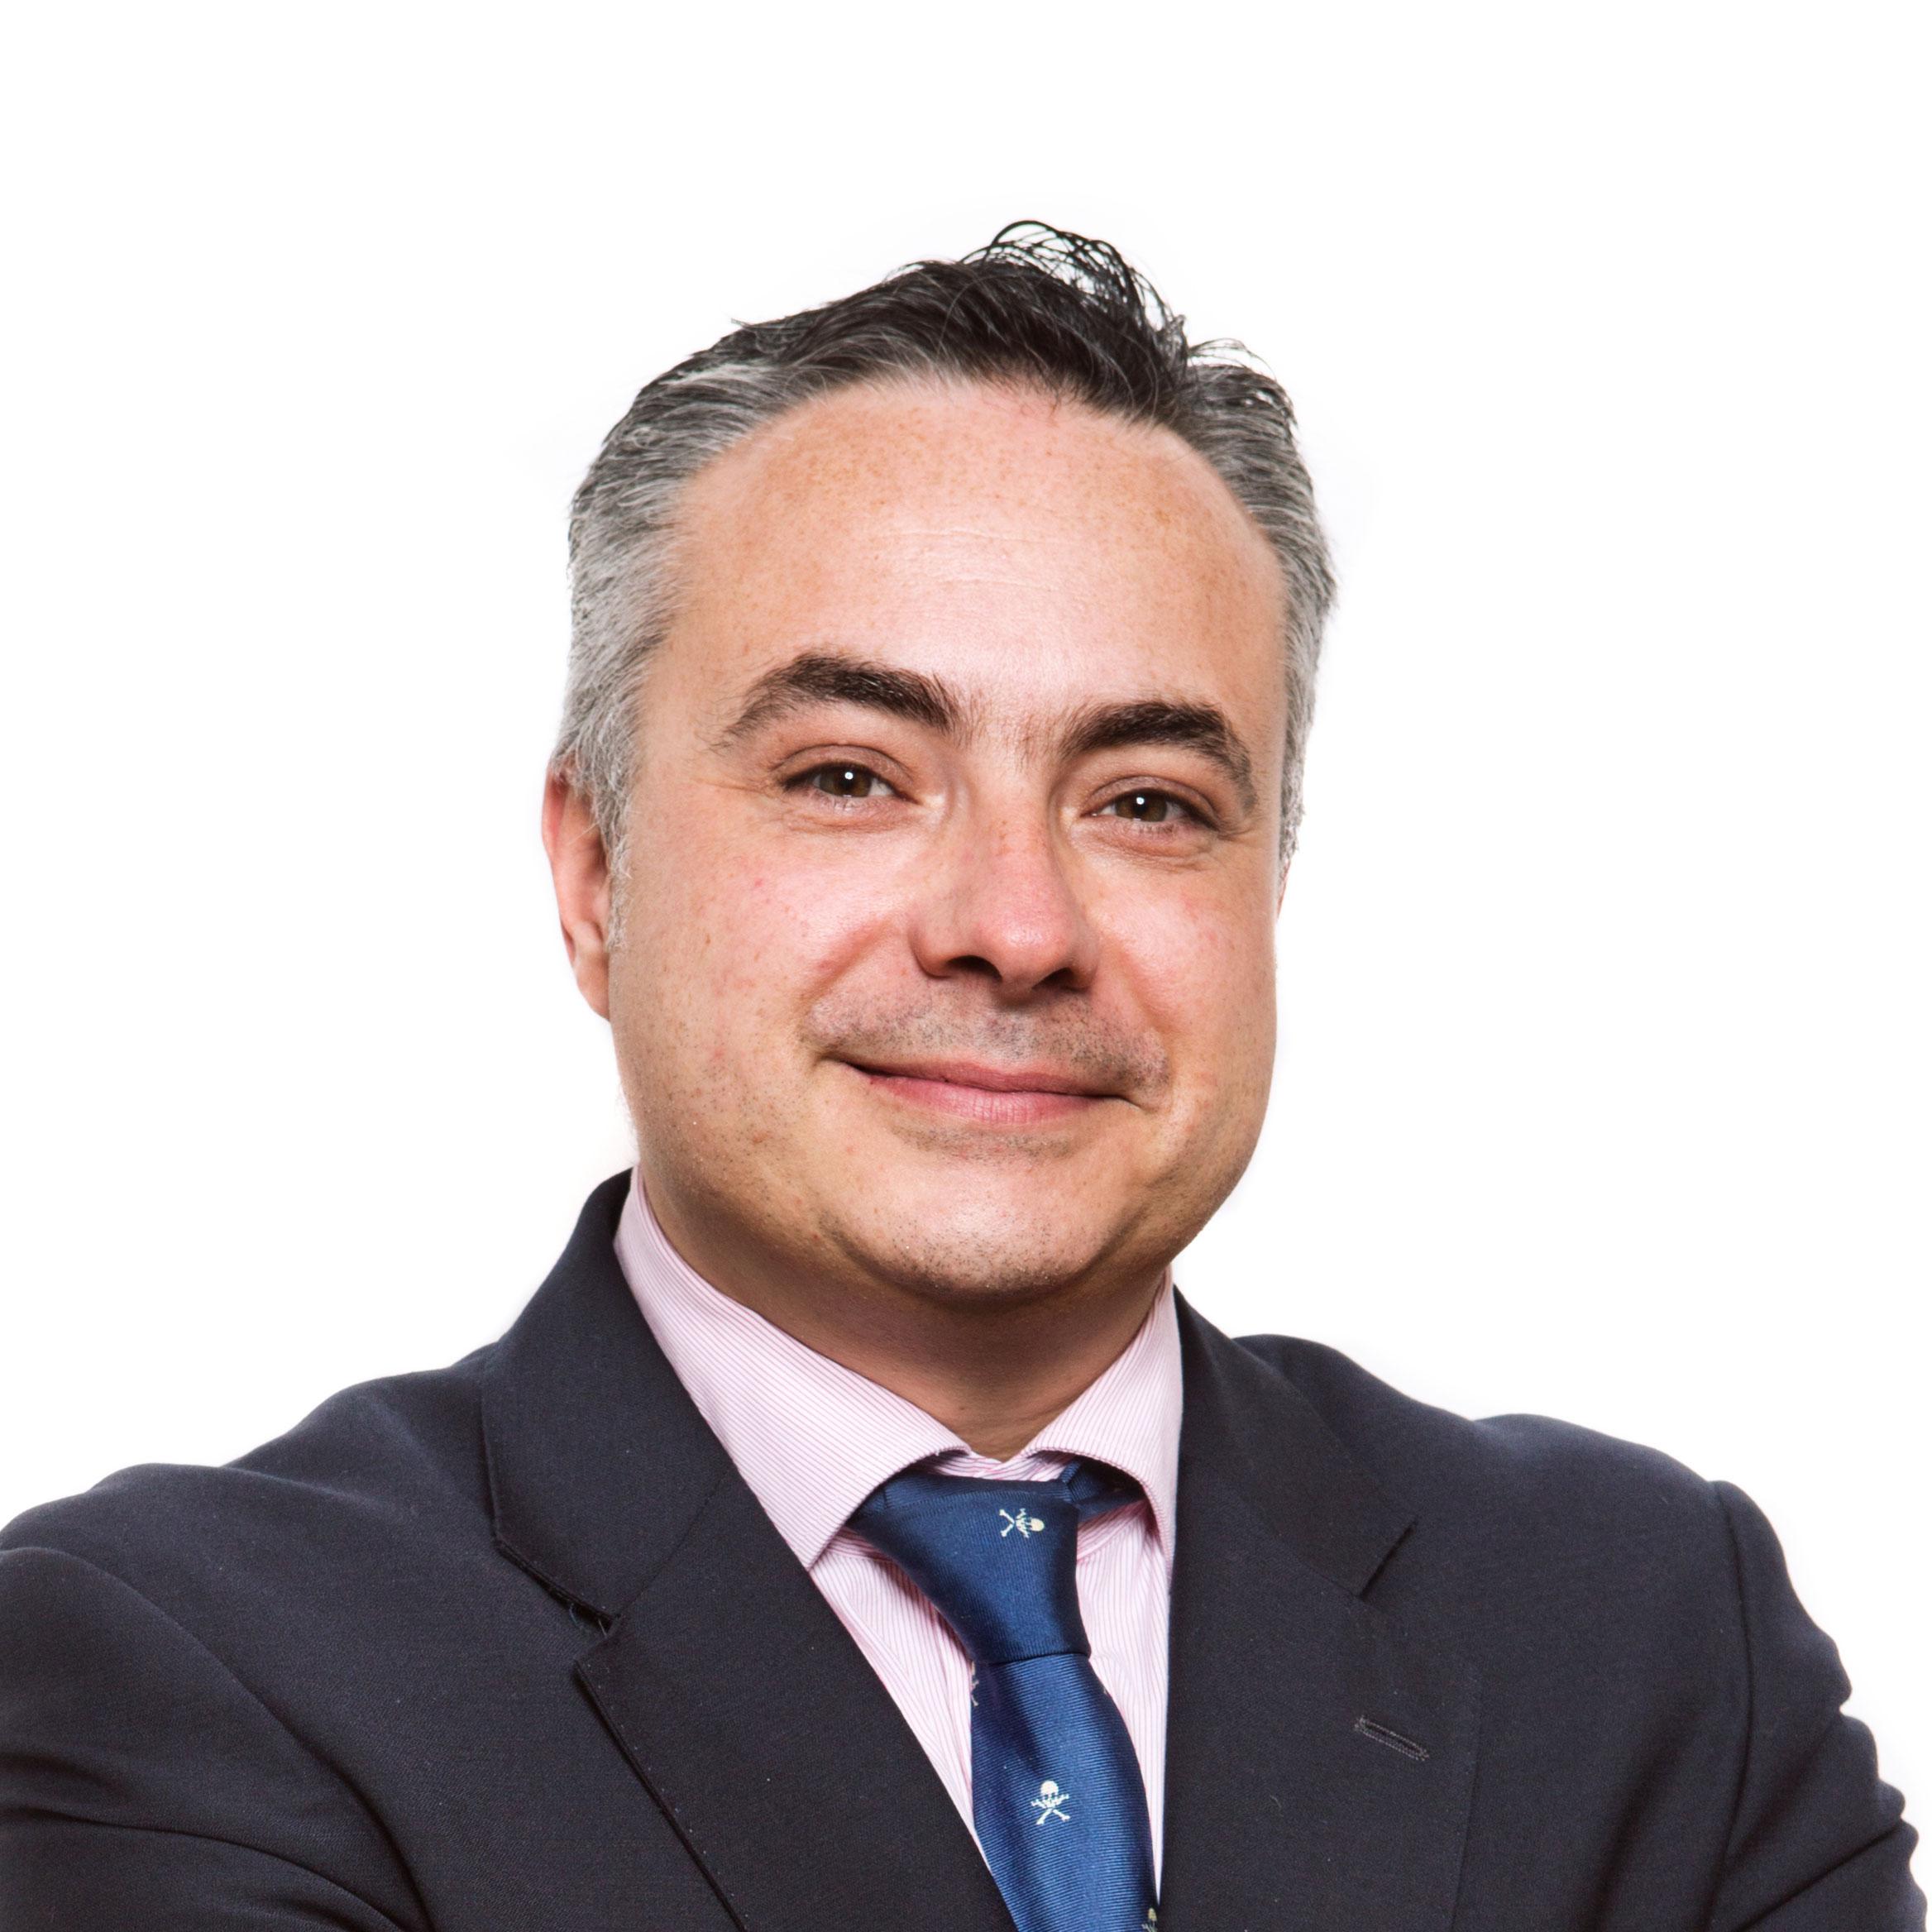 Juanjo Lladó